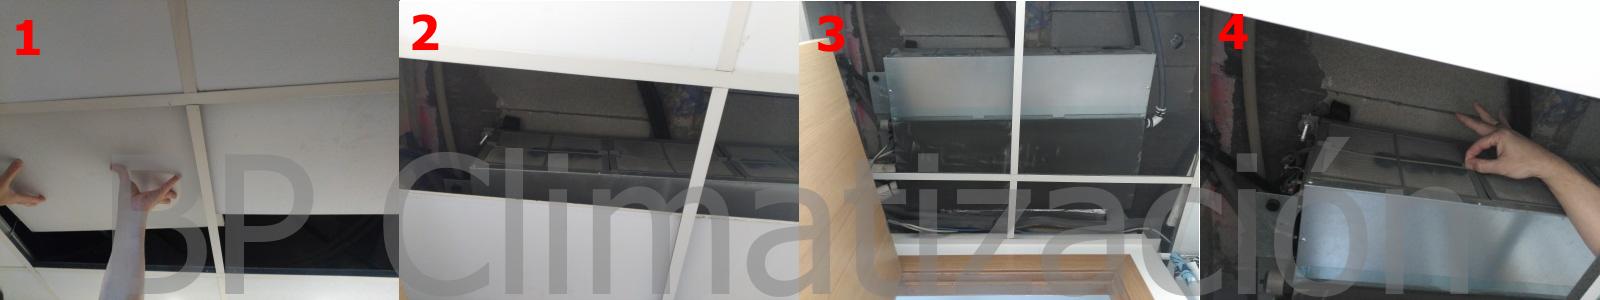 BP Climatización 976902922: Mantenimiento de aire acondicionado conductos limpieza de filtros